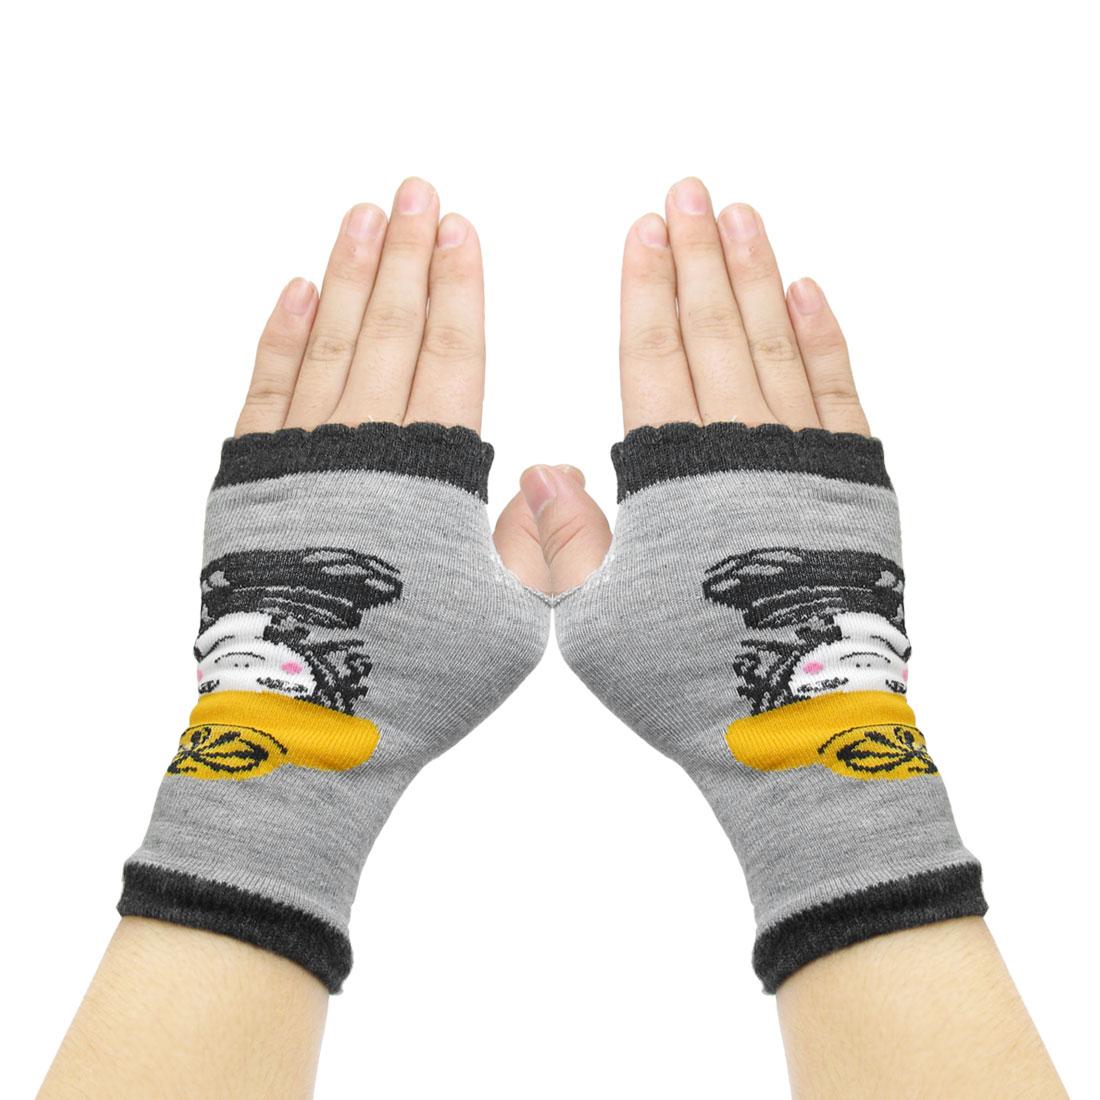 Women Sky Girl Prints Fingerless Mitten Knit Elastic Gloves Black Gray